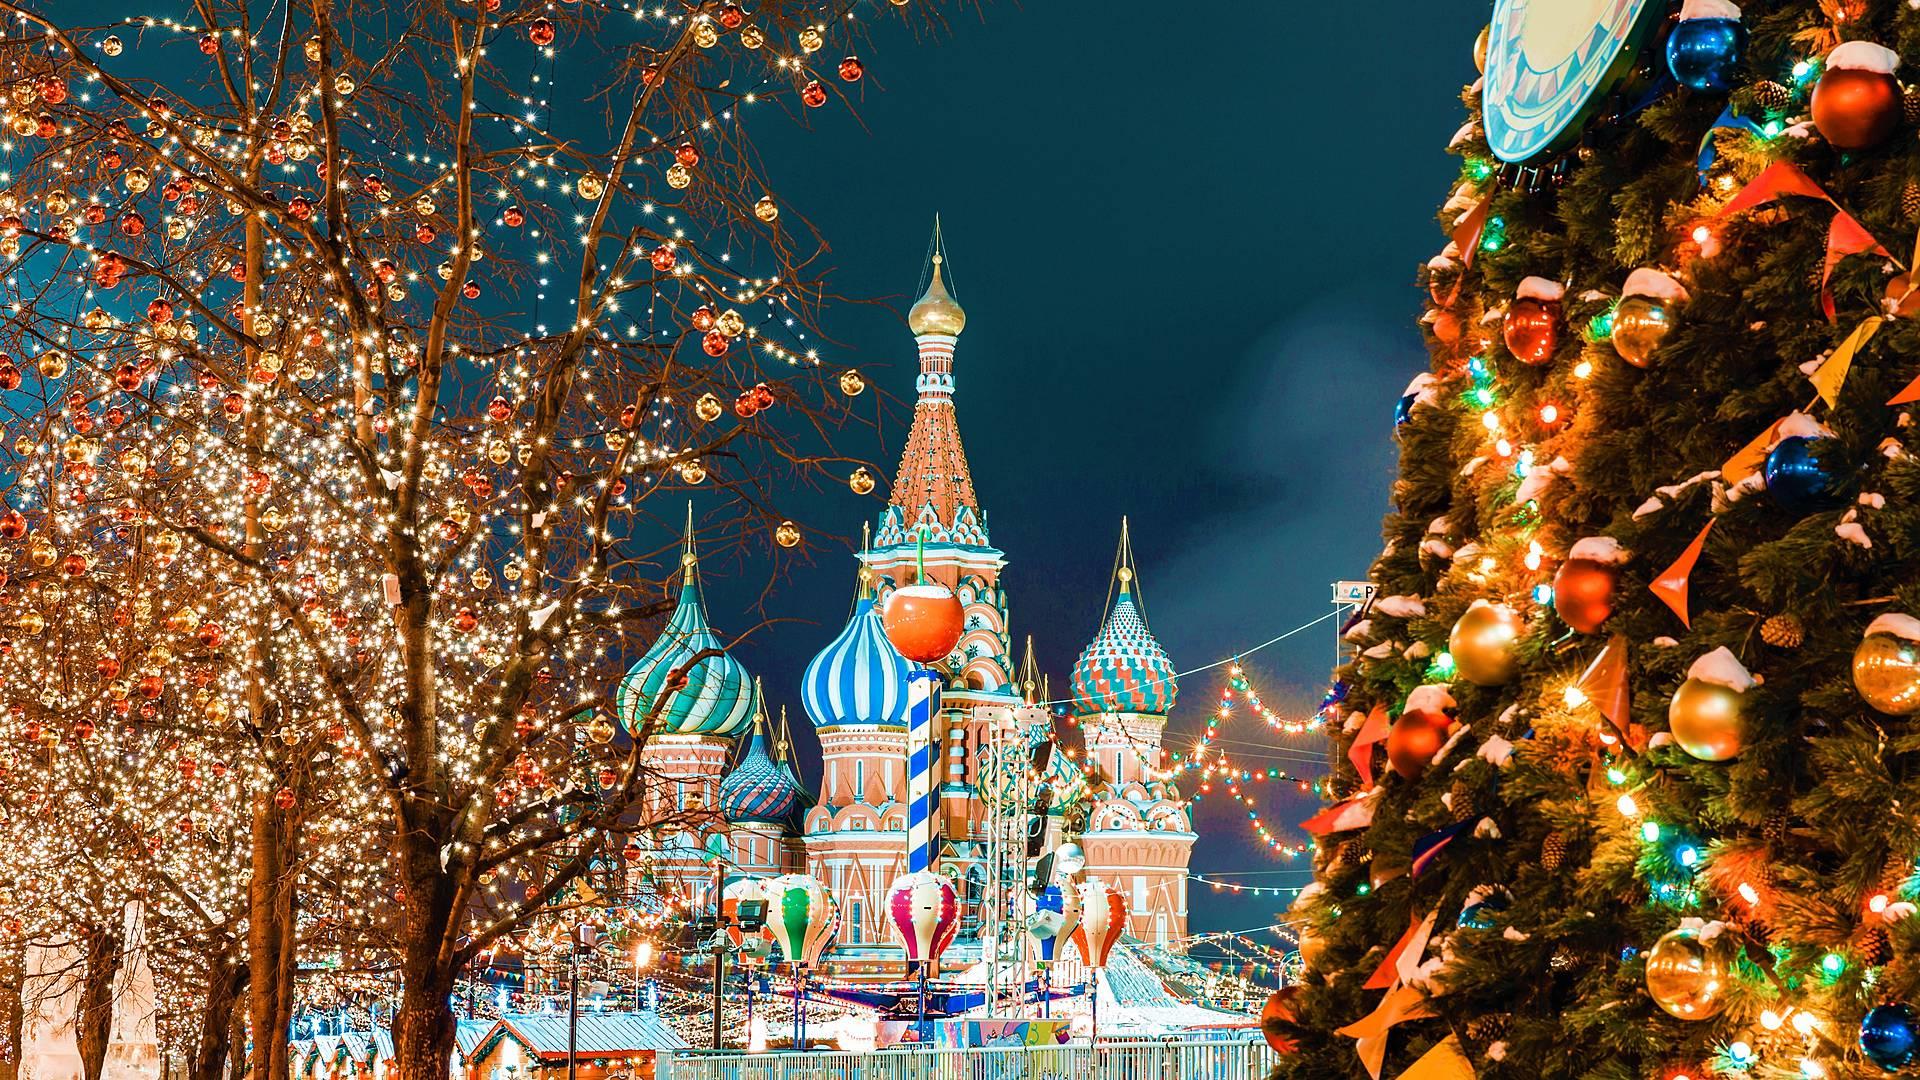 El Sueño de Navidad